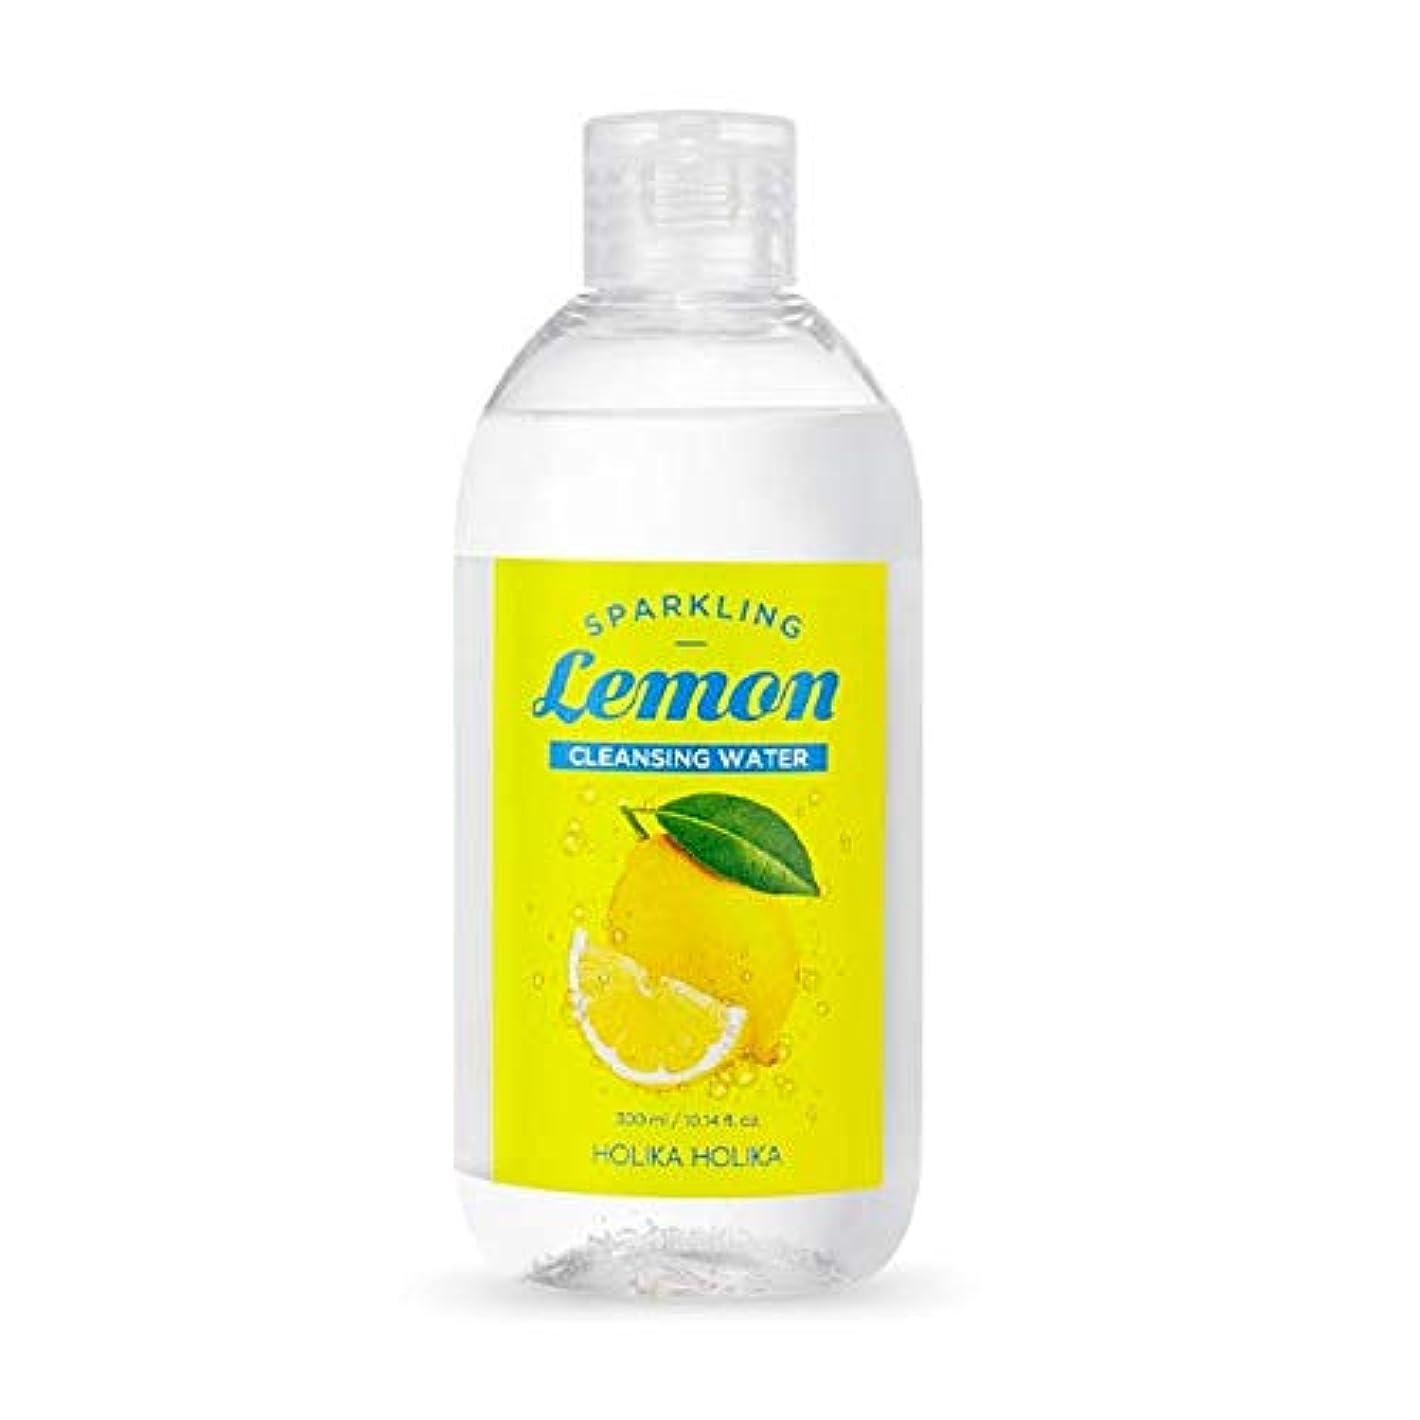 アラバマ抑制する力ホリカホリカ 炭酸レモンクレンジングウォーター 300ml / Holika Holika Sparkling Lemon Cleansing Water 300ml [並行輸入品]